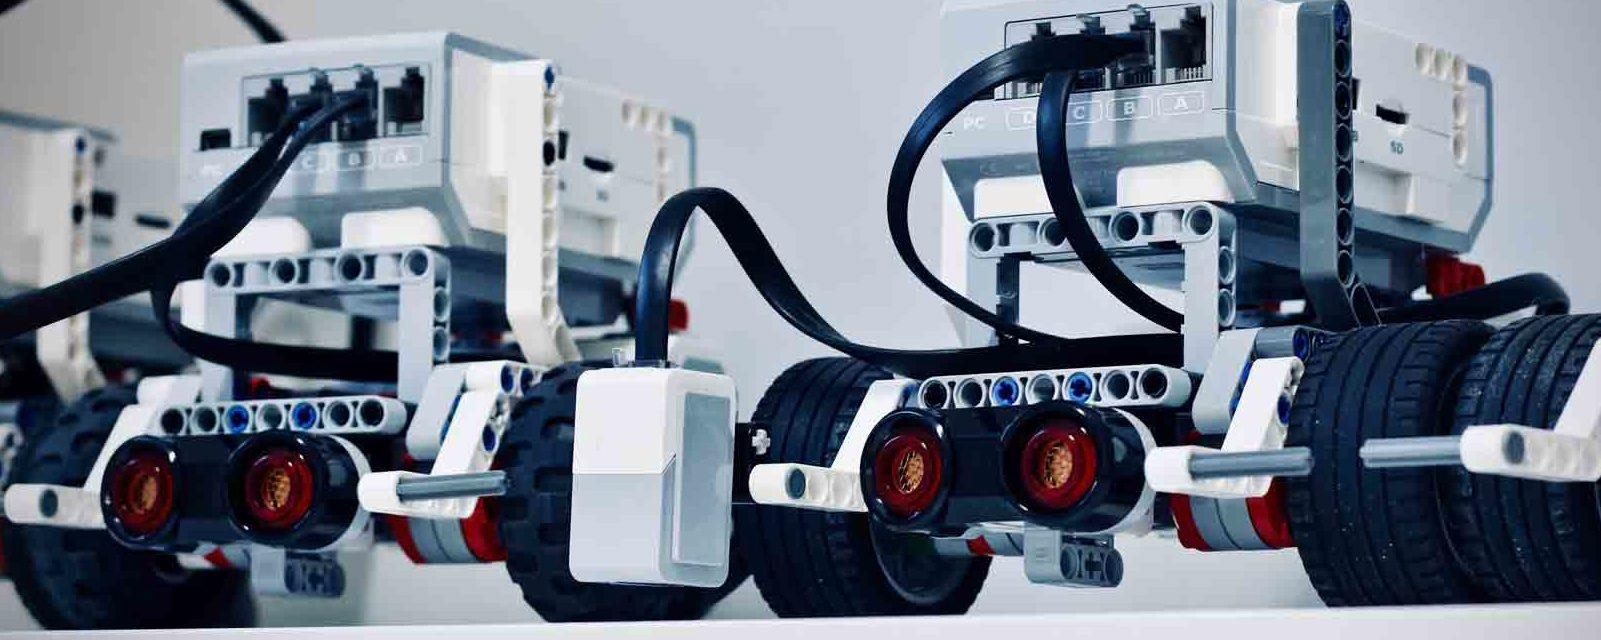 Курс по роботика с Лего Mindstorms